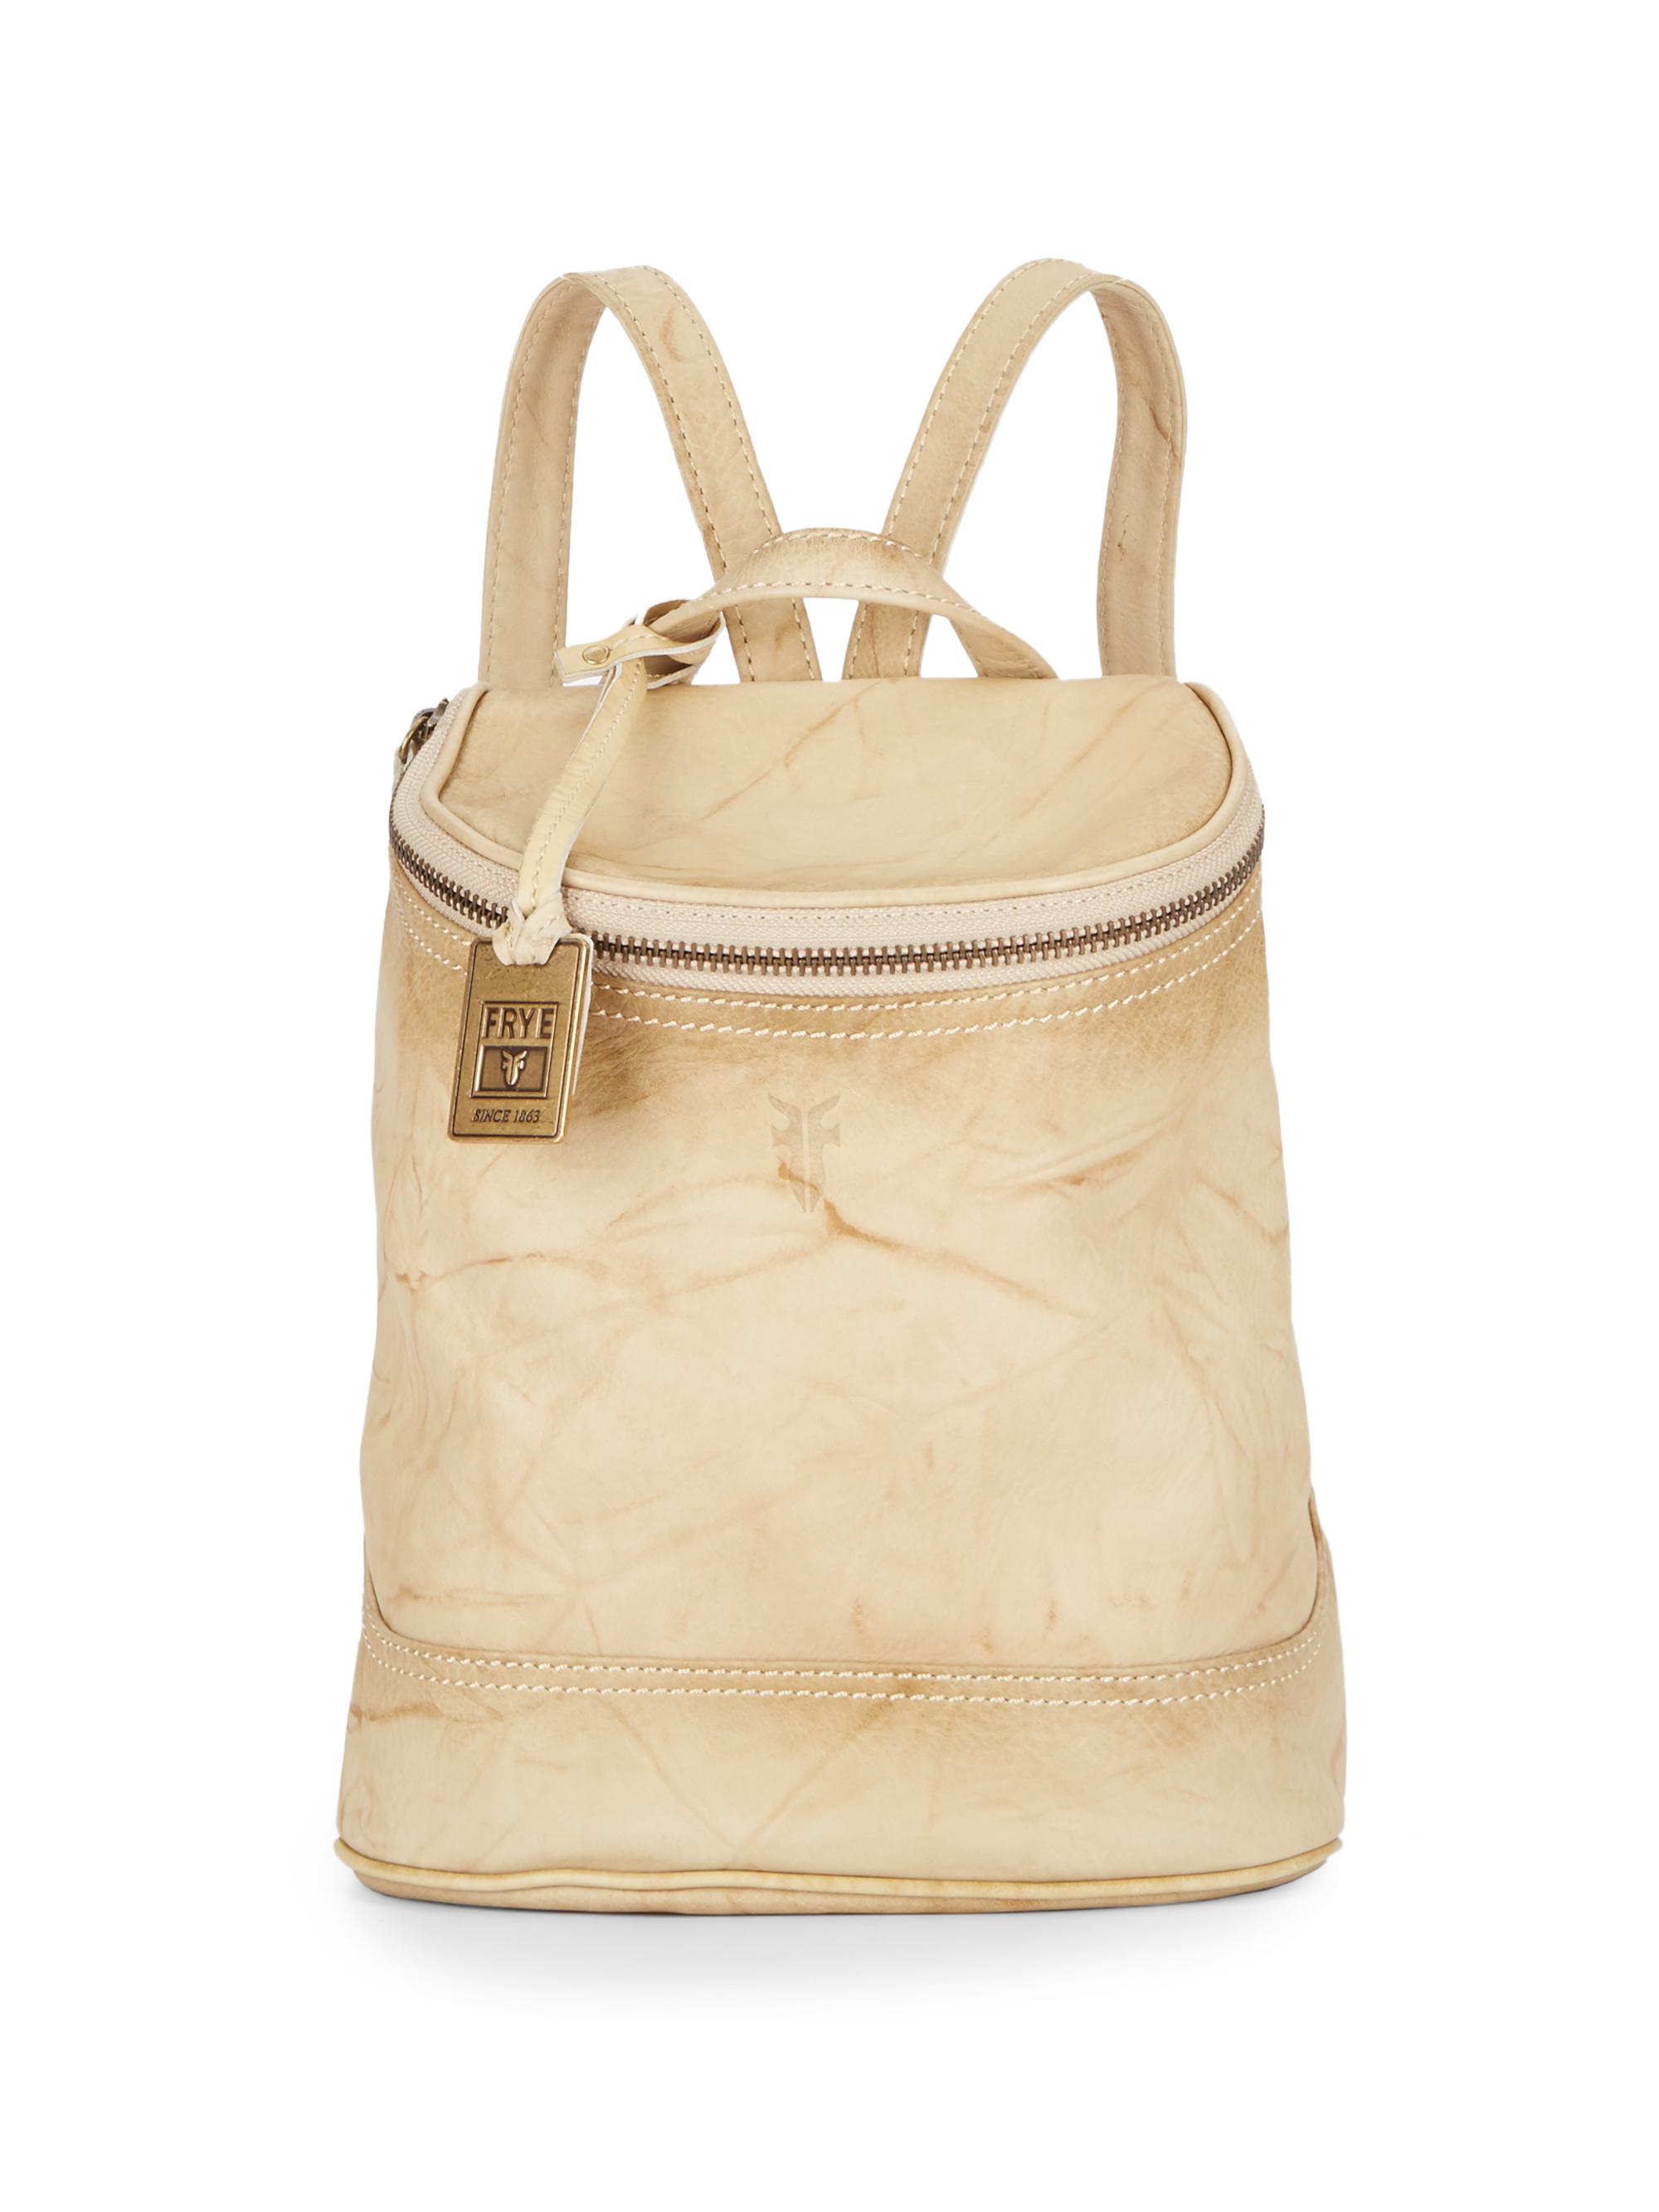 Handbags-026.JPG